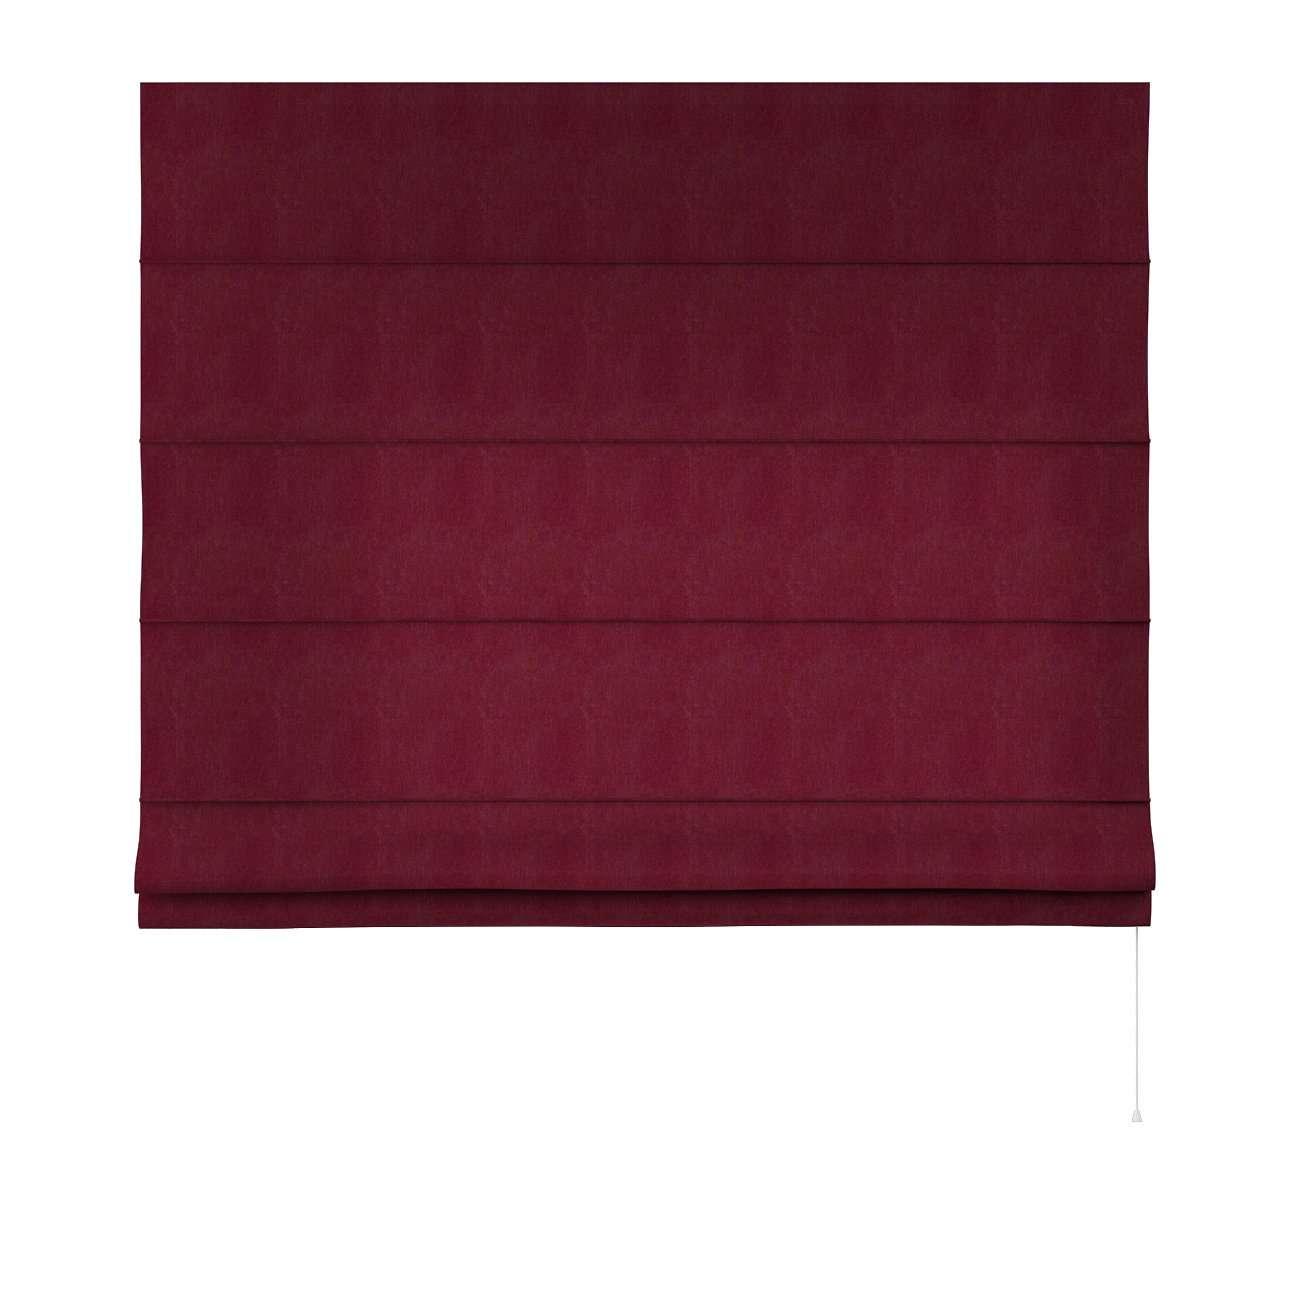 Foldegardin Capri<br/>Uden flæsekant 80 x 170 cm fra kollektionen Chenille, Stof: 702-19